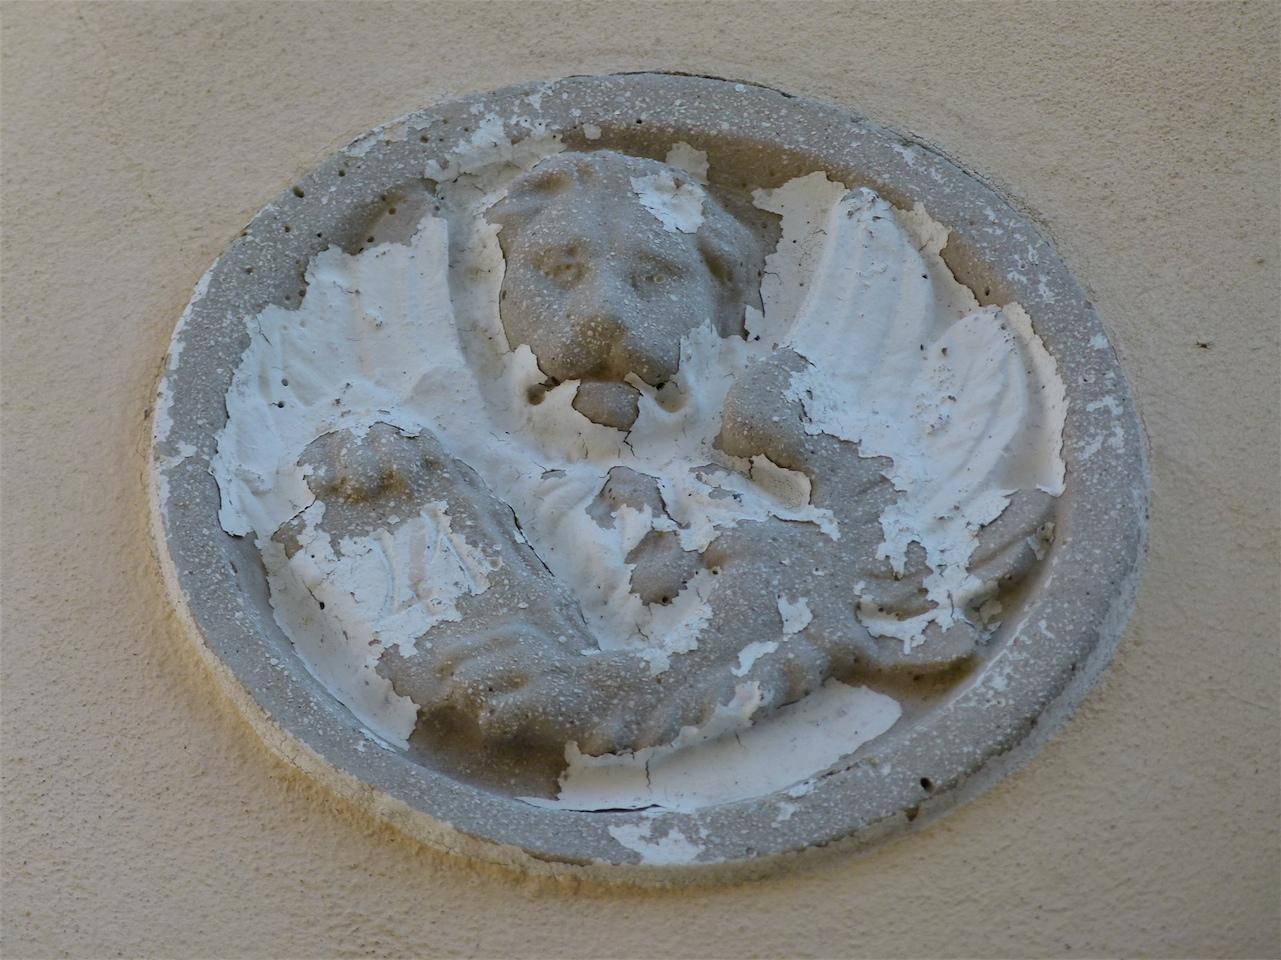 simbolo di San Marco: leone (rilievo, opera isolata) - produzione veneziana (inizio sec. XX)